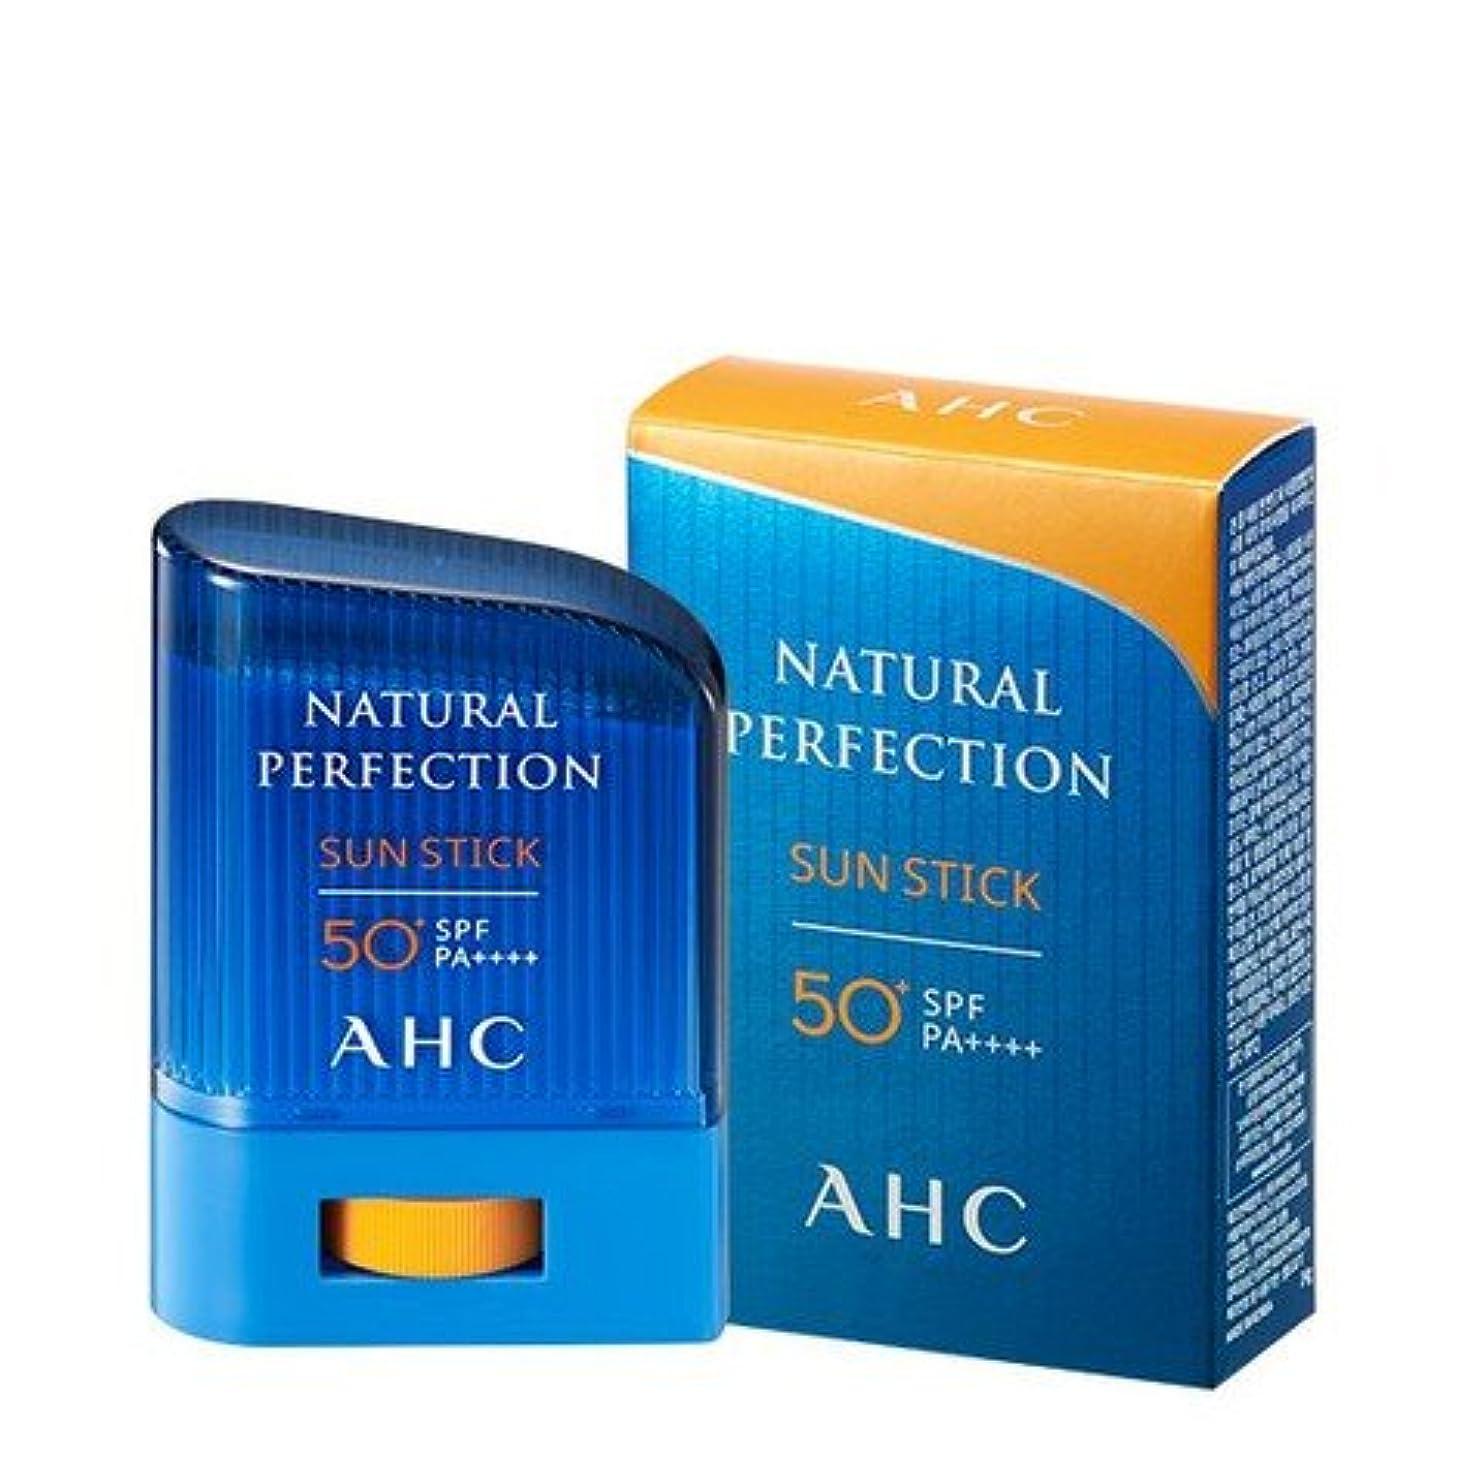 流体コールド補償[Renewal 最新] AHCナチュラルパーフェクション線スティック / AHC NATURAL PERFECTION SUN STICK [SPF 50+ / PA ++++] [並行輸入品] (22g)